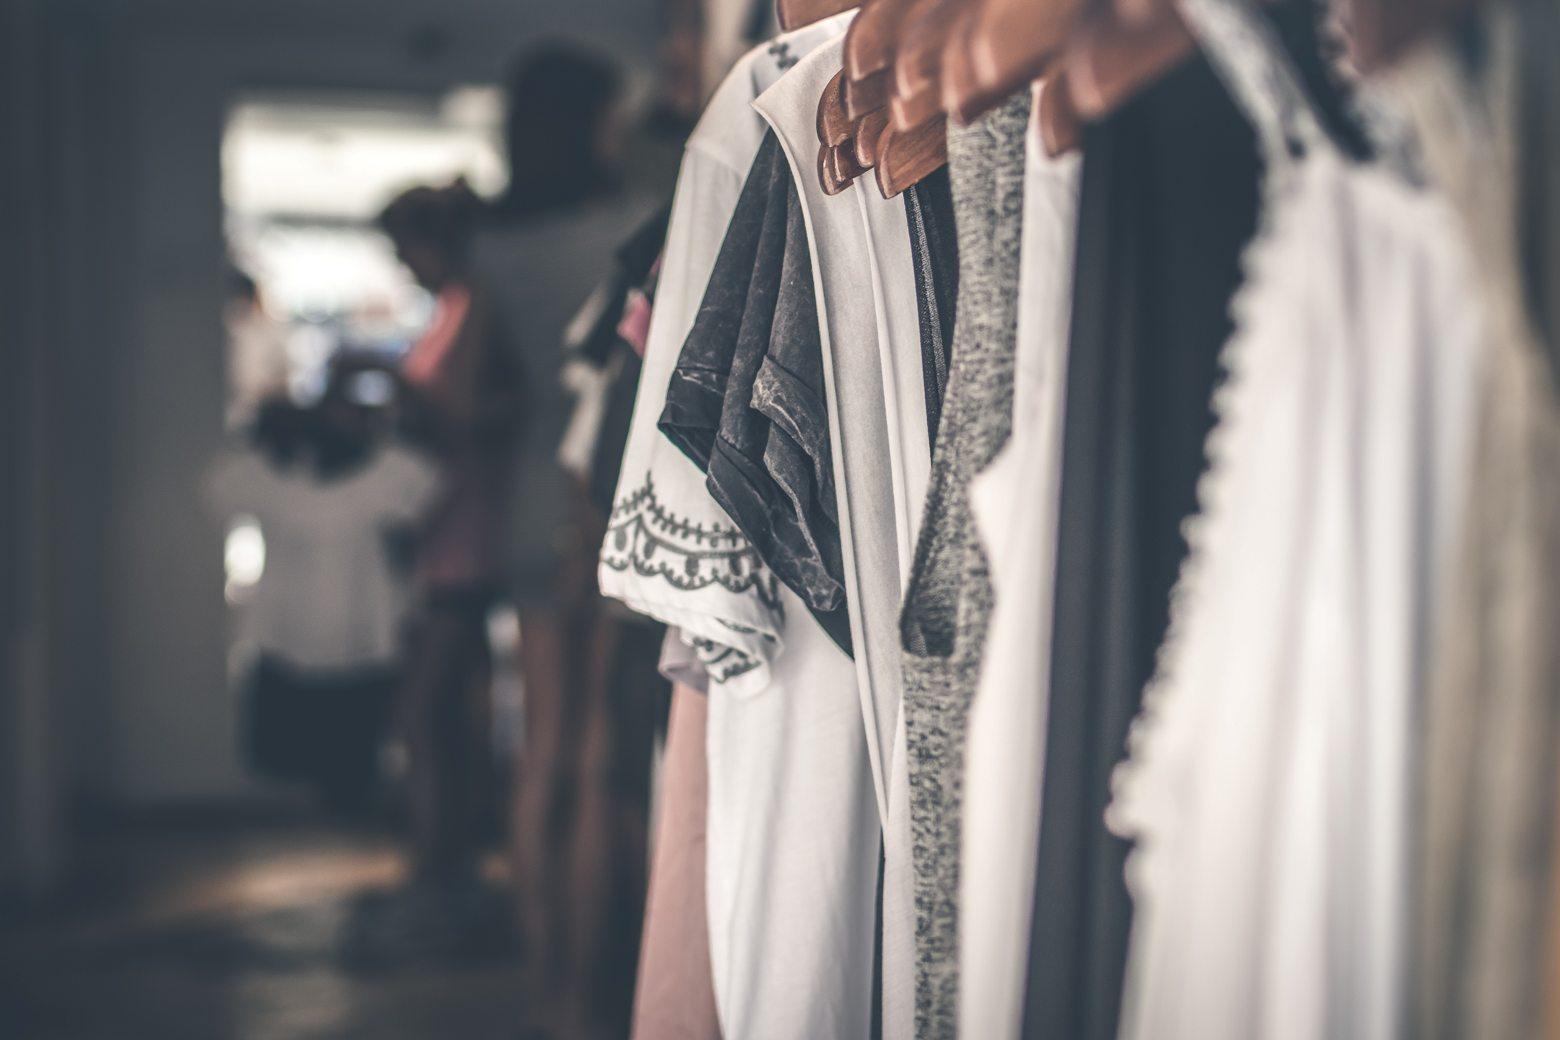 Jak správně vybrat spodní prádlo? Chce to zmáknout základy